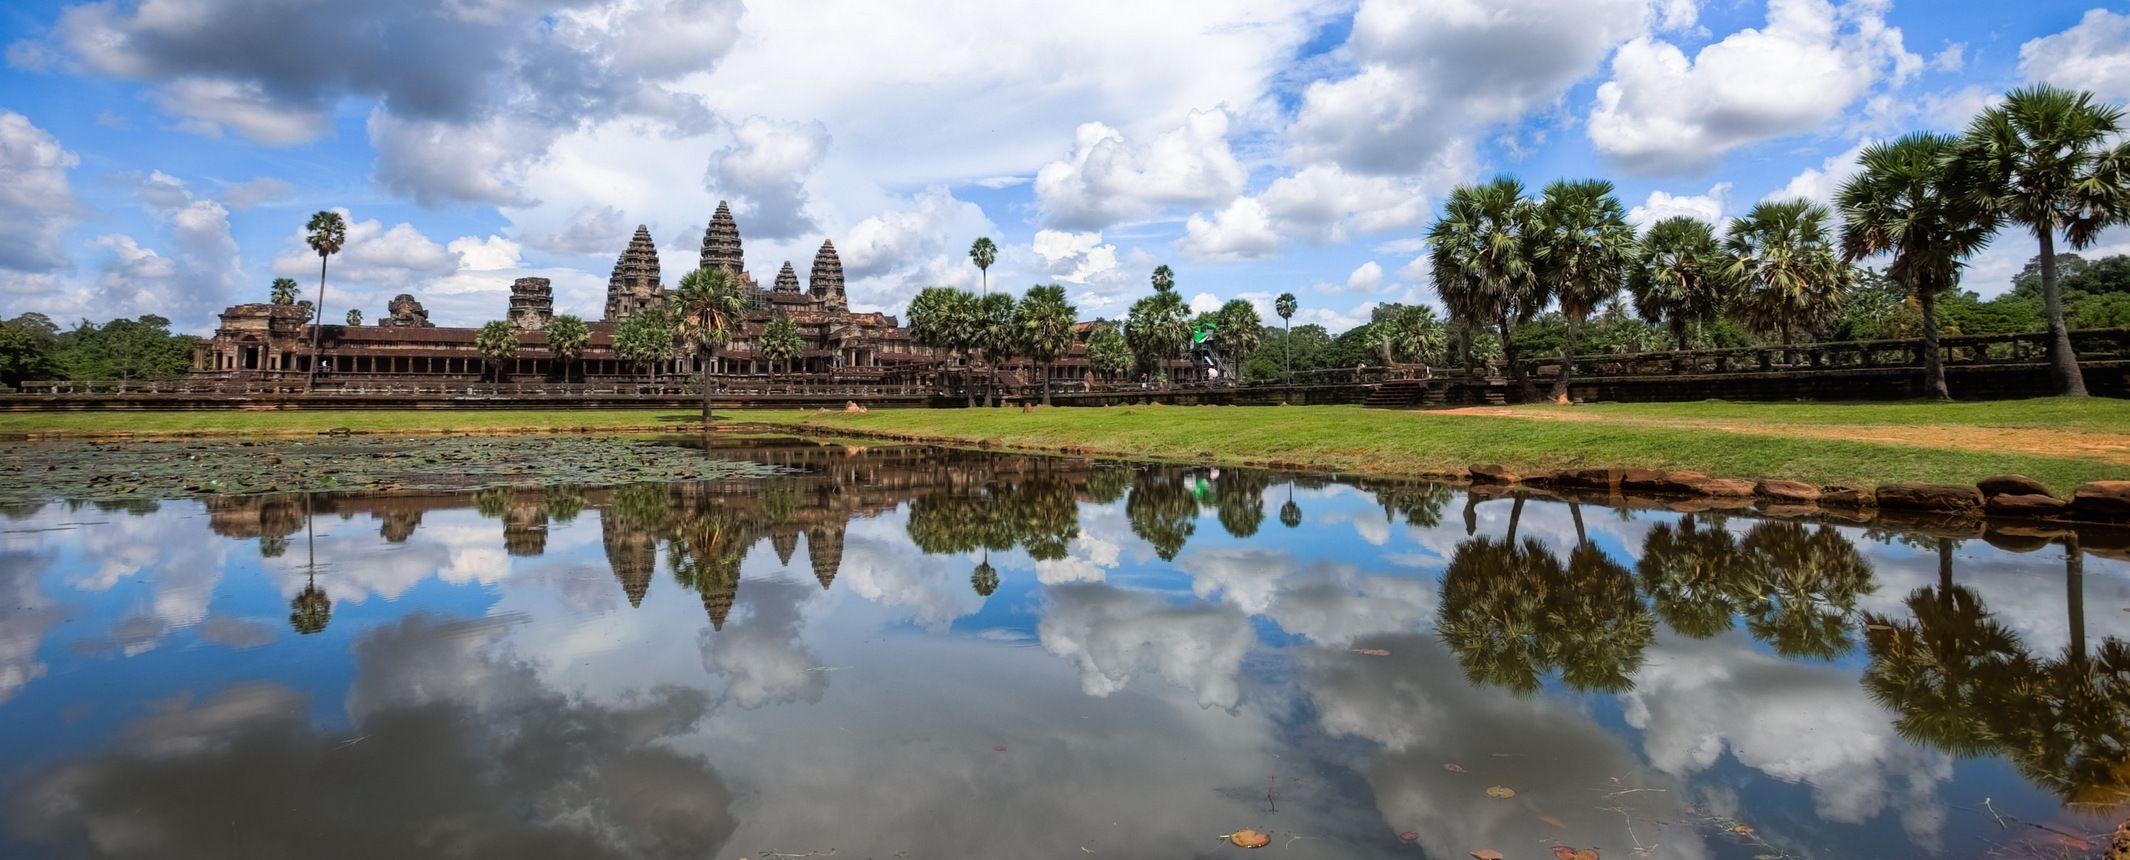 Siguiendo el Mekong. De Luang Prabang a Angkor | Autor Javier Cambronero